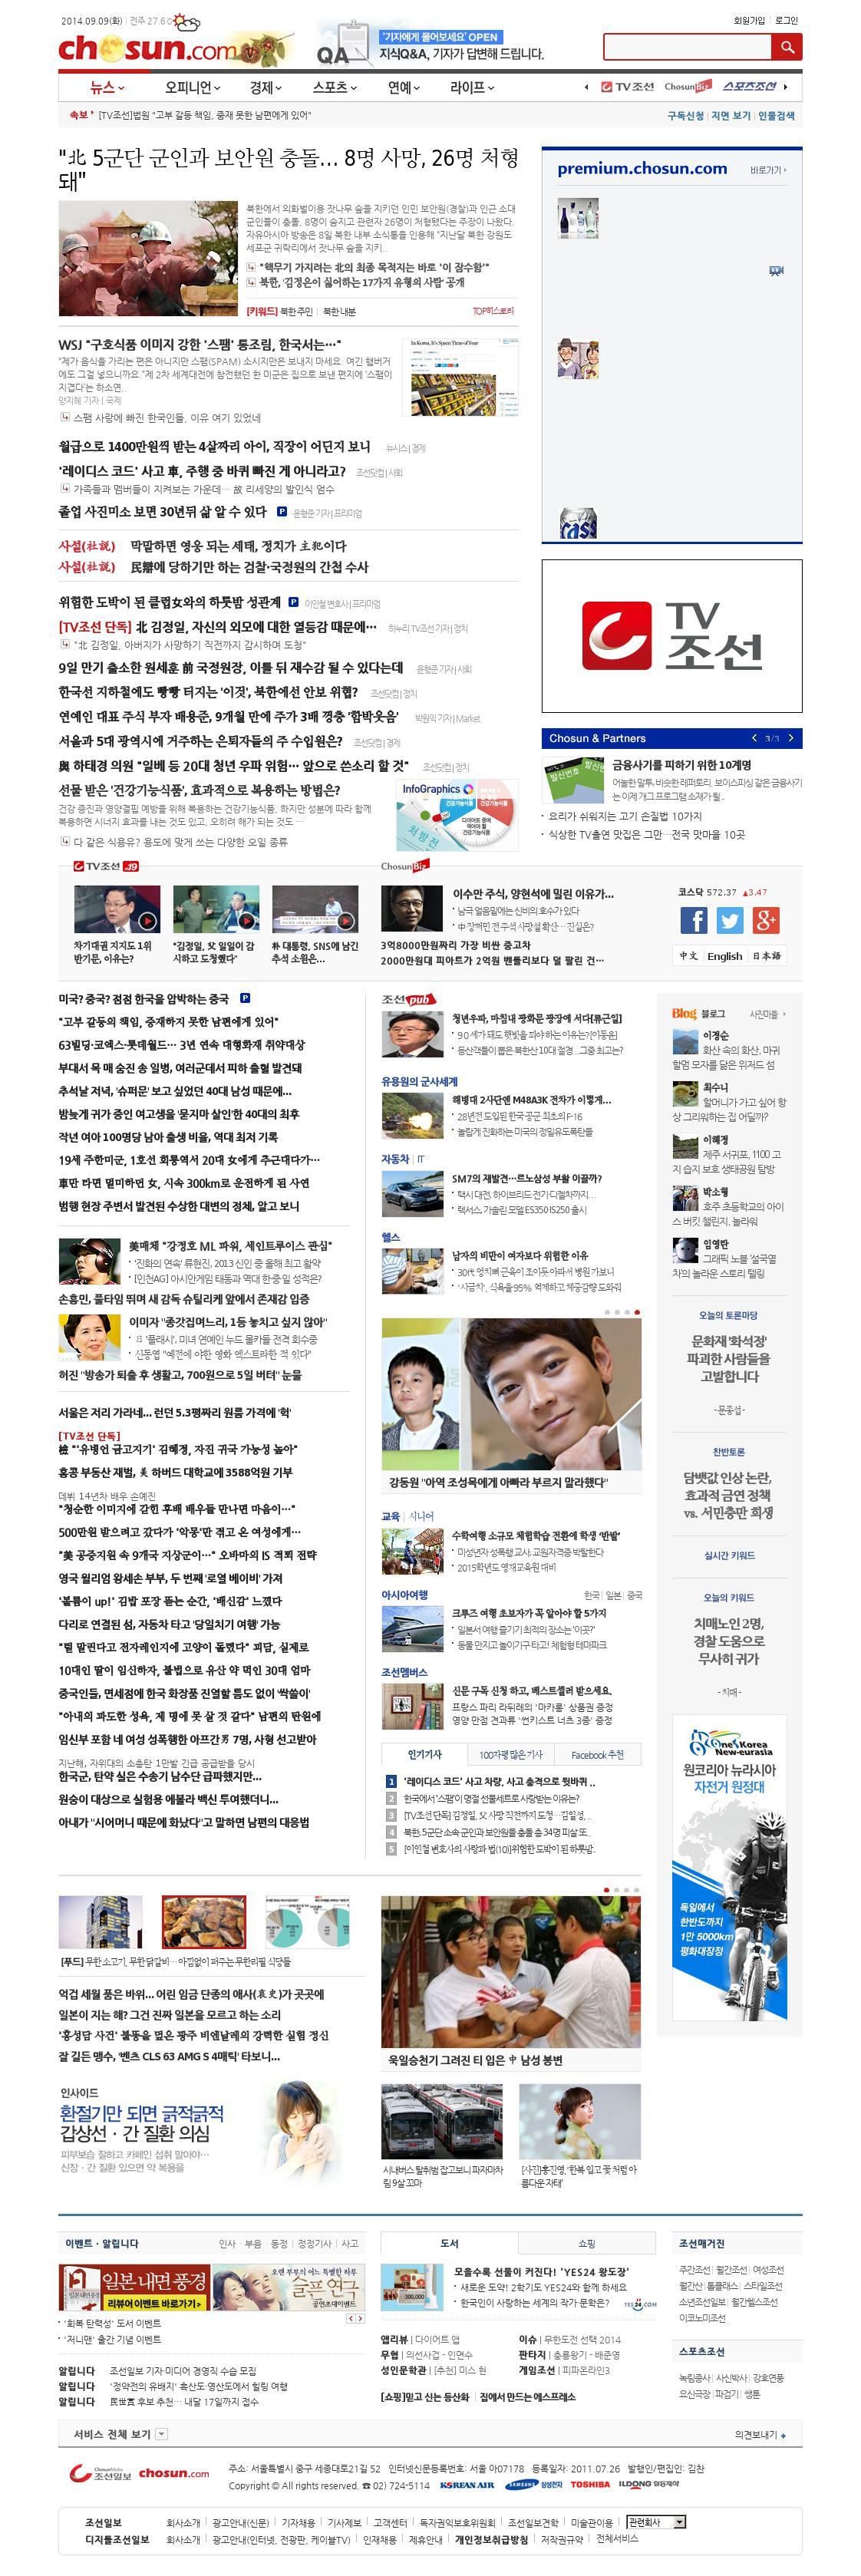 chosun.com at Tuesday Sept. 9, 2014, 7:02 a.m. UTC